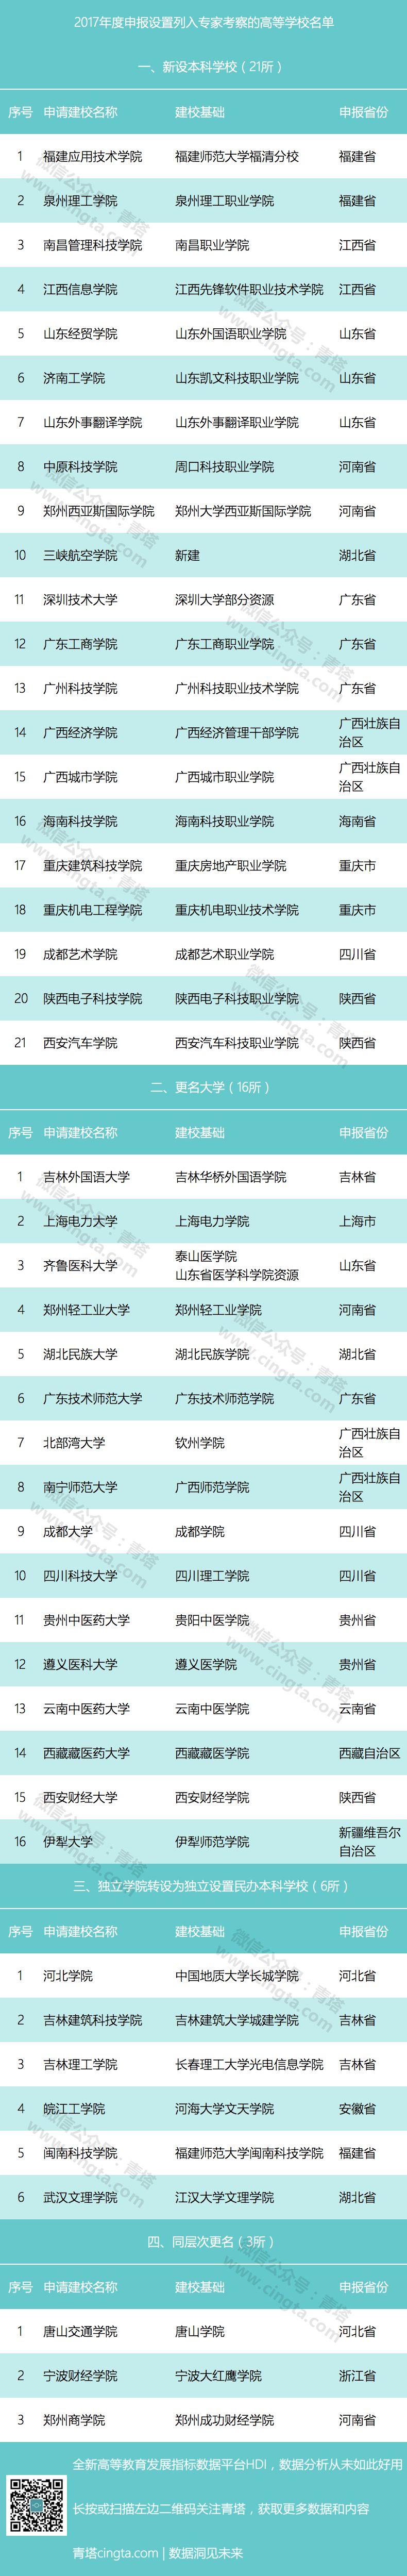 2017高校改名名单 - 快乐赛神仙 - 淡泊明志 宁静致远